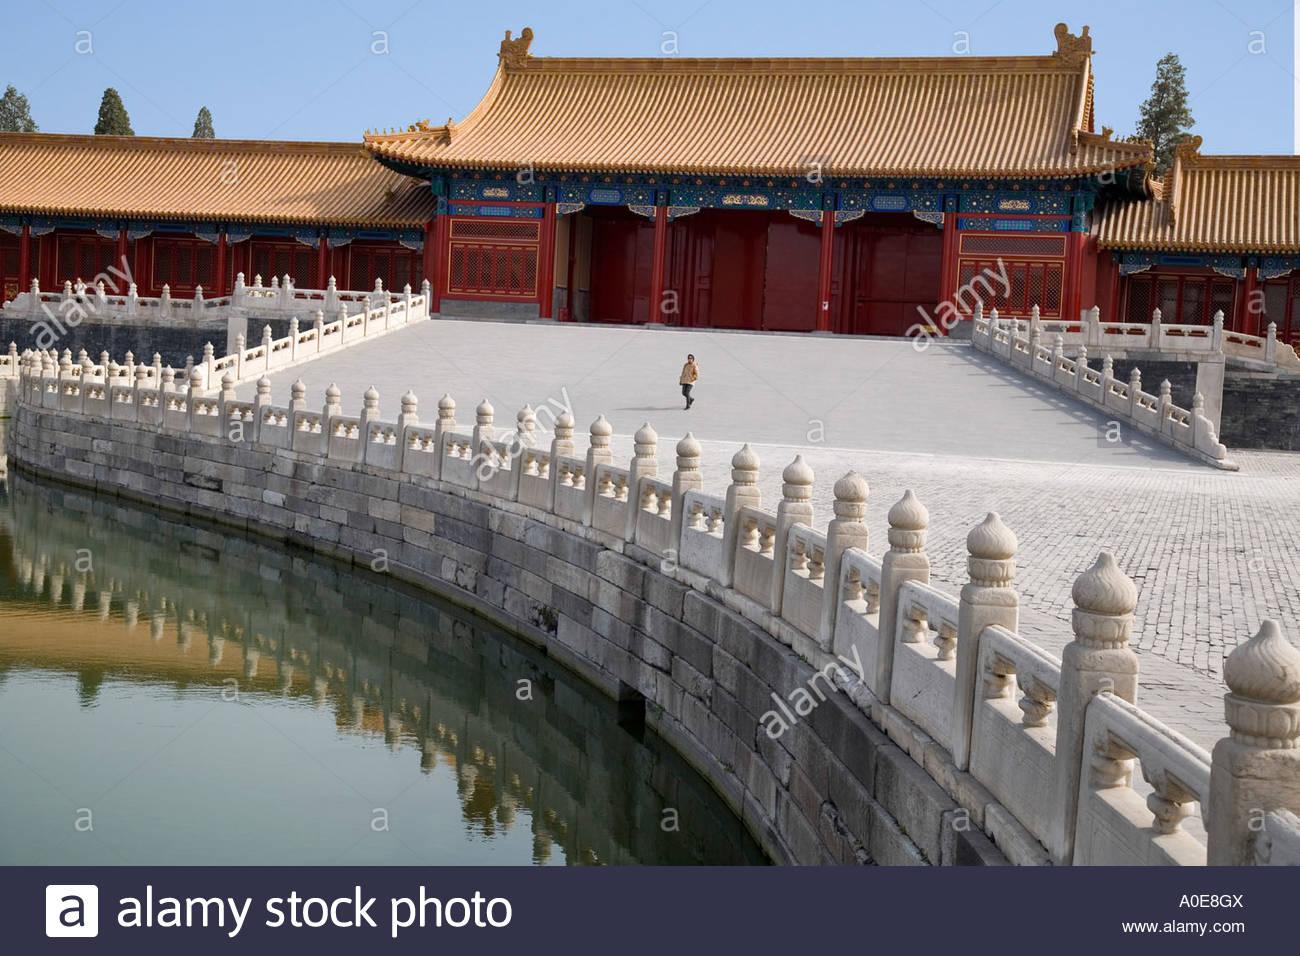 Moat of Forbidden City Beijing 2 - Stock Image